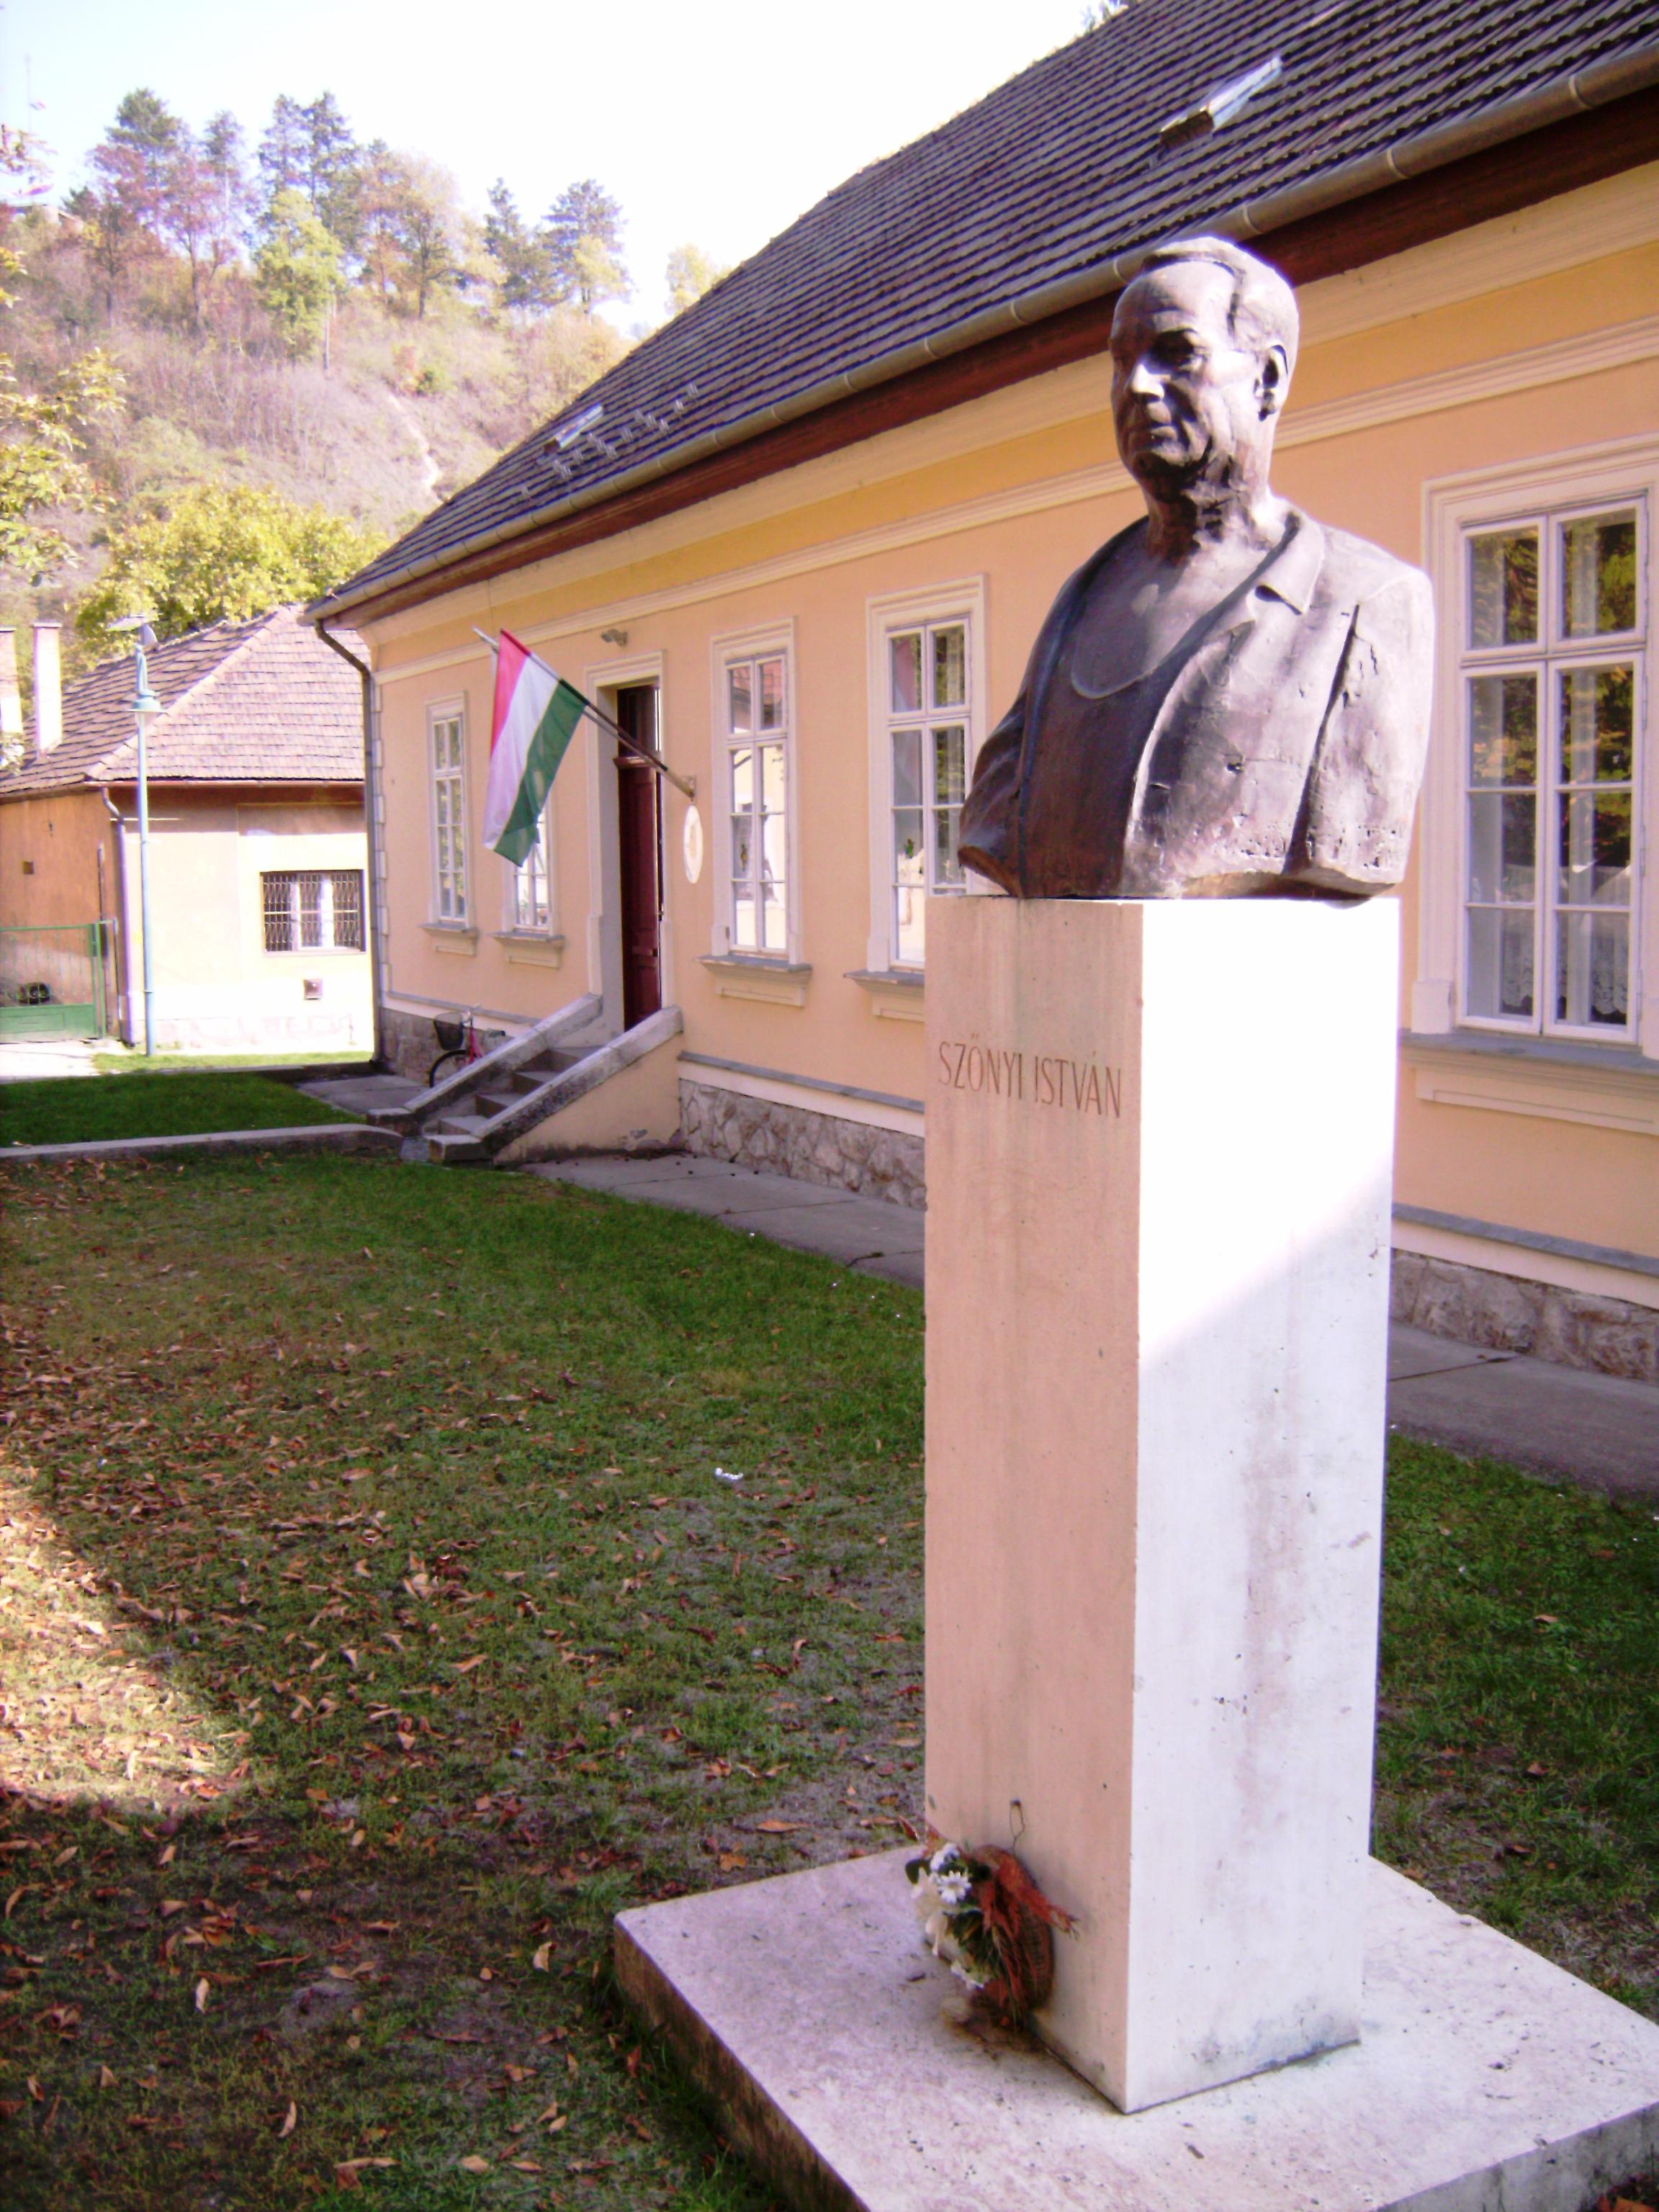 A város talán leghíresebb lakójának, Szőnyi Istvánnak a mellszobra, Nagy Attila szobrászművész alkotása.